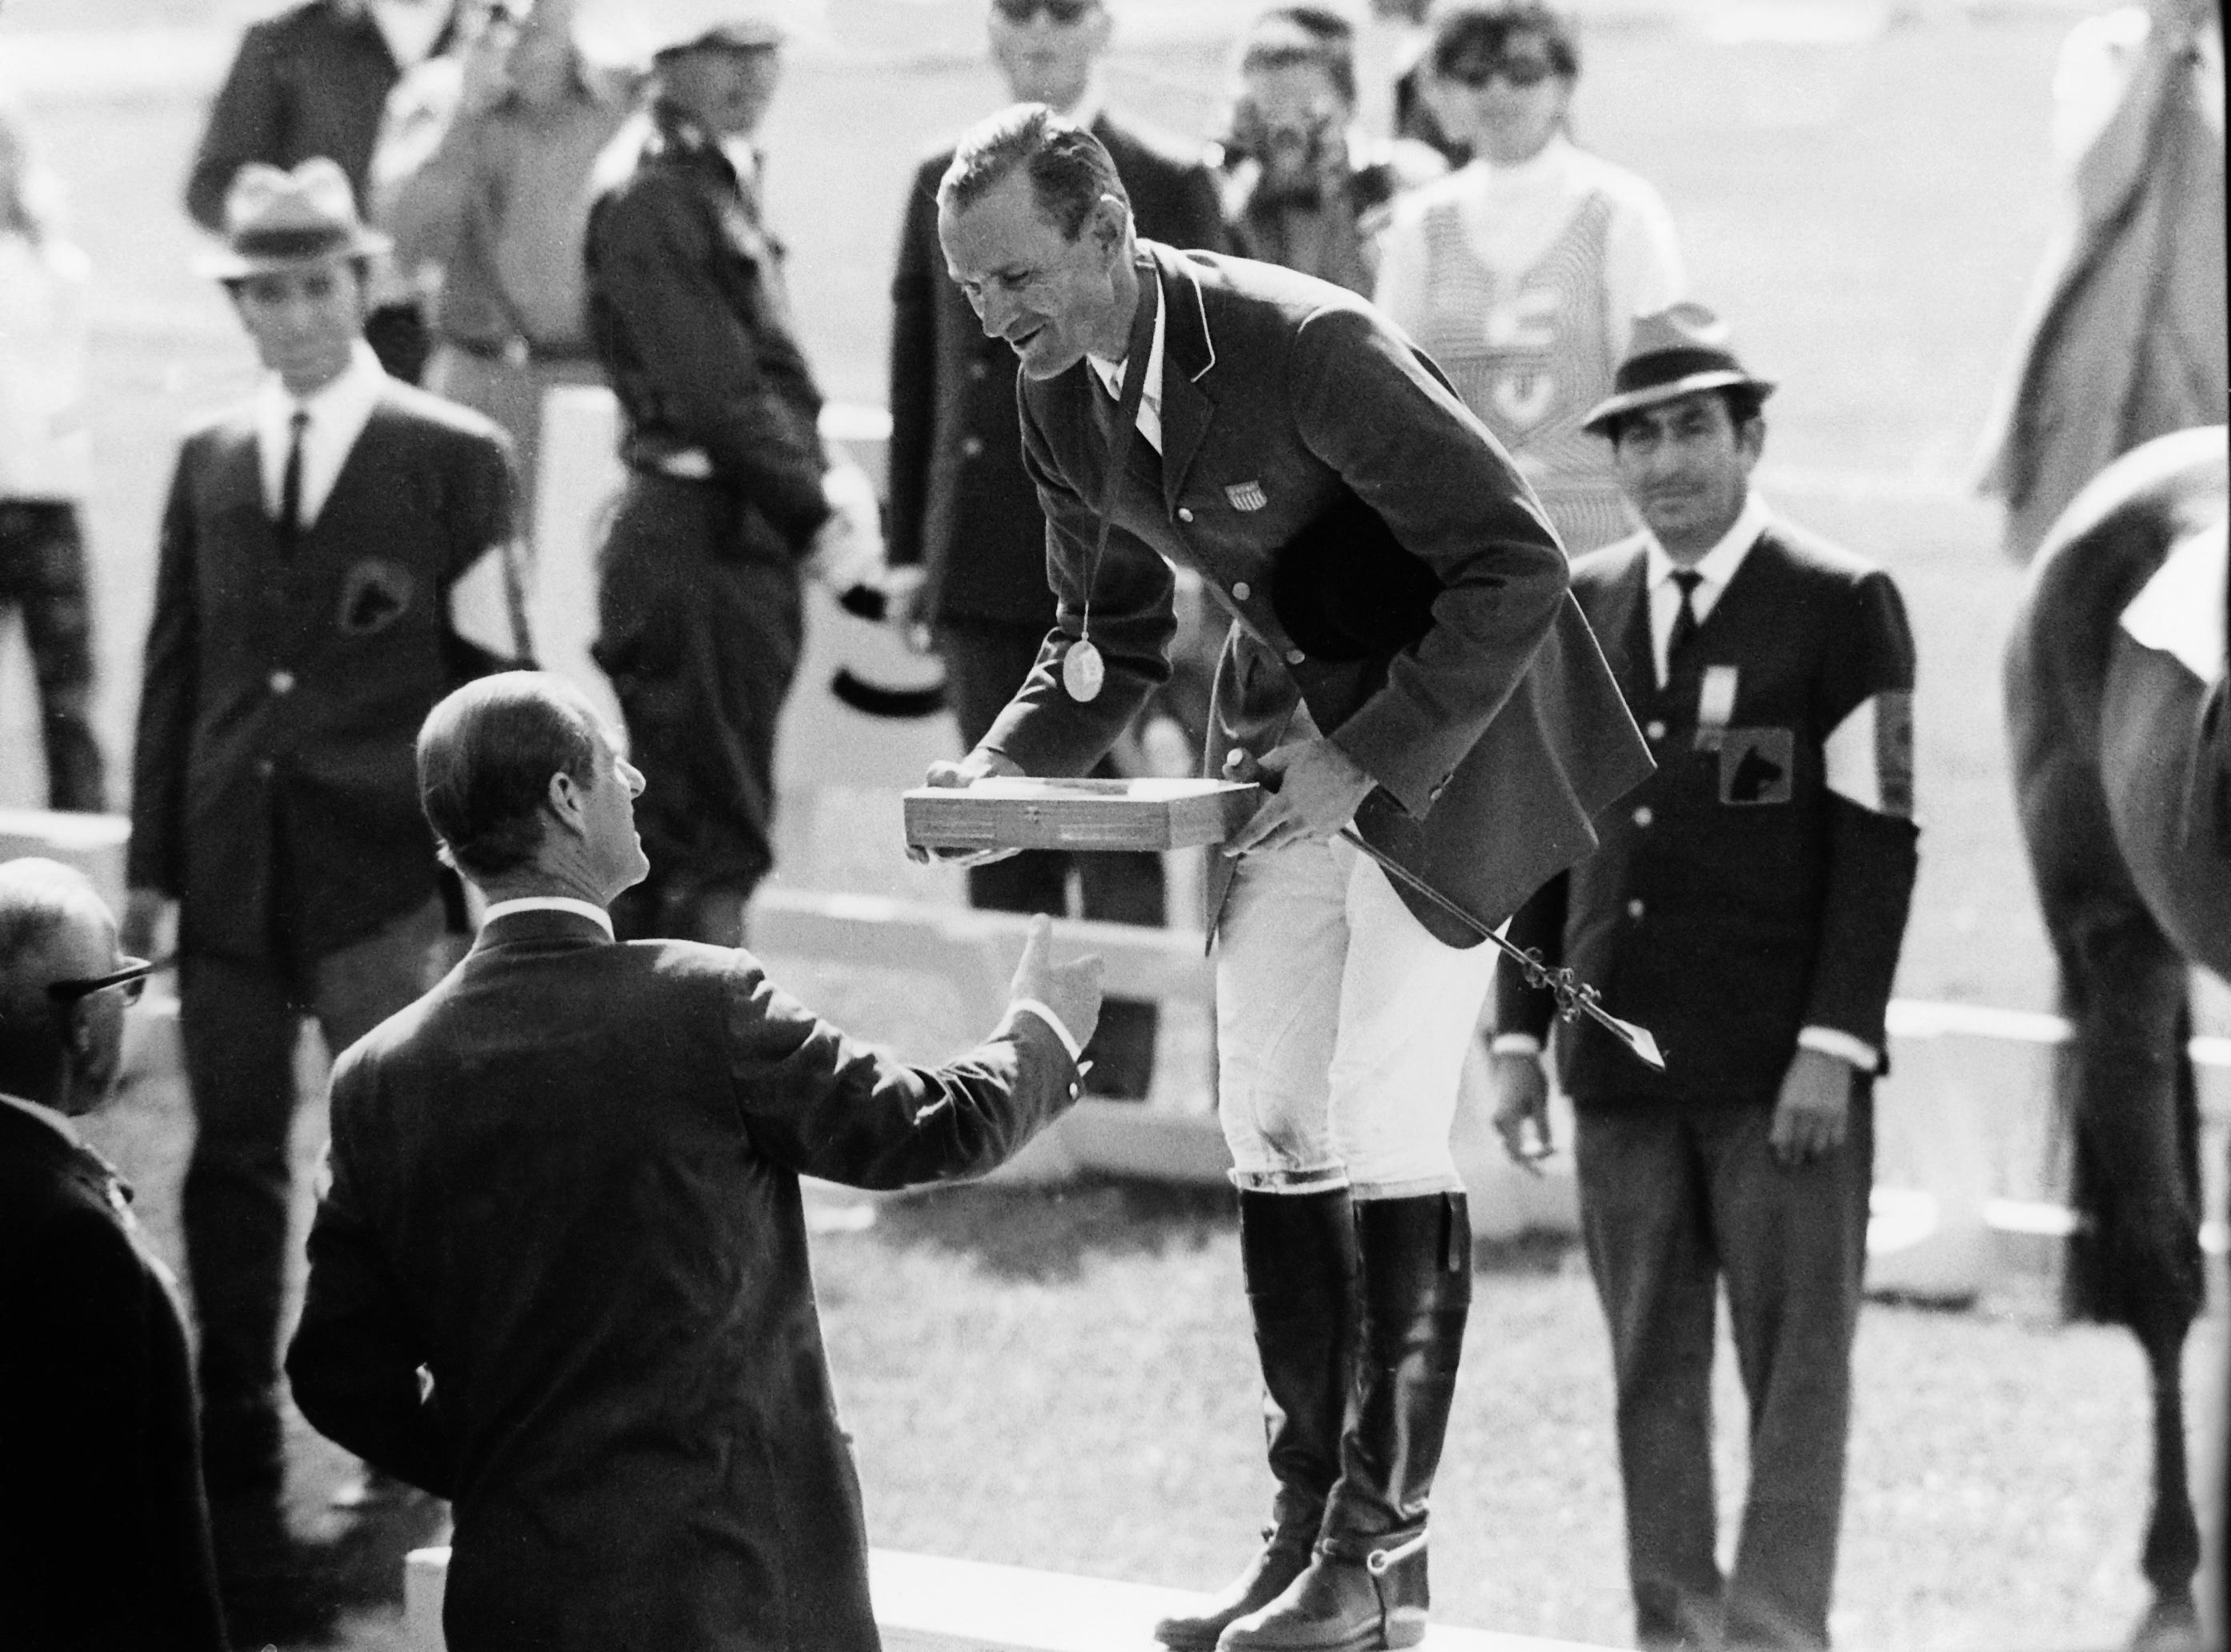 William Steinkraus recibiendo la medalla de oro individual de salto en los J.OO de Méjico de manos del Príncipe Felipe de Edimburgo. Foto de la FEI